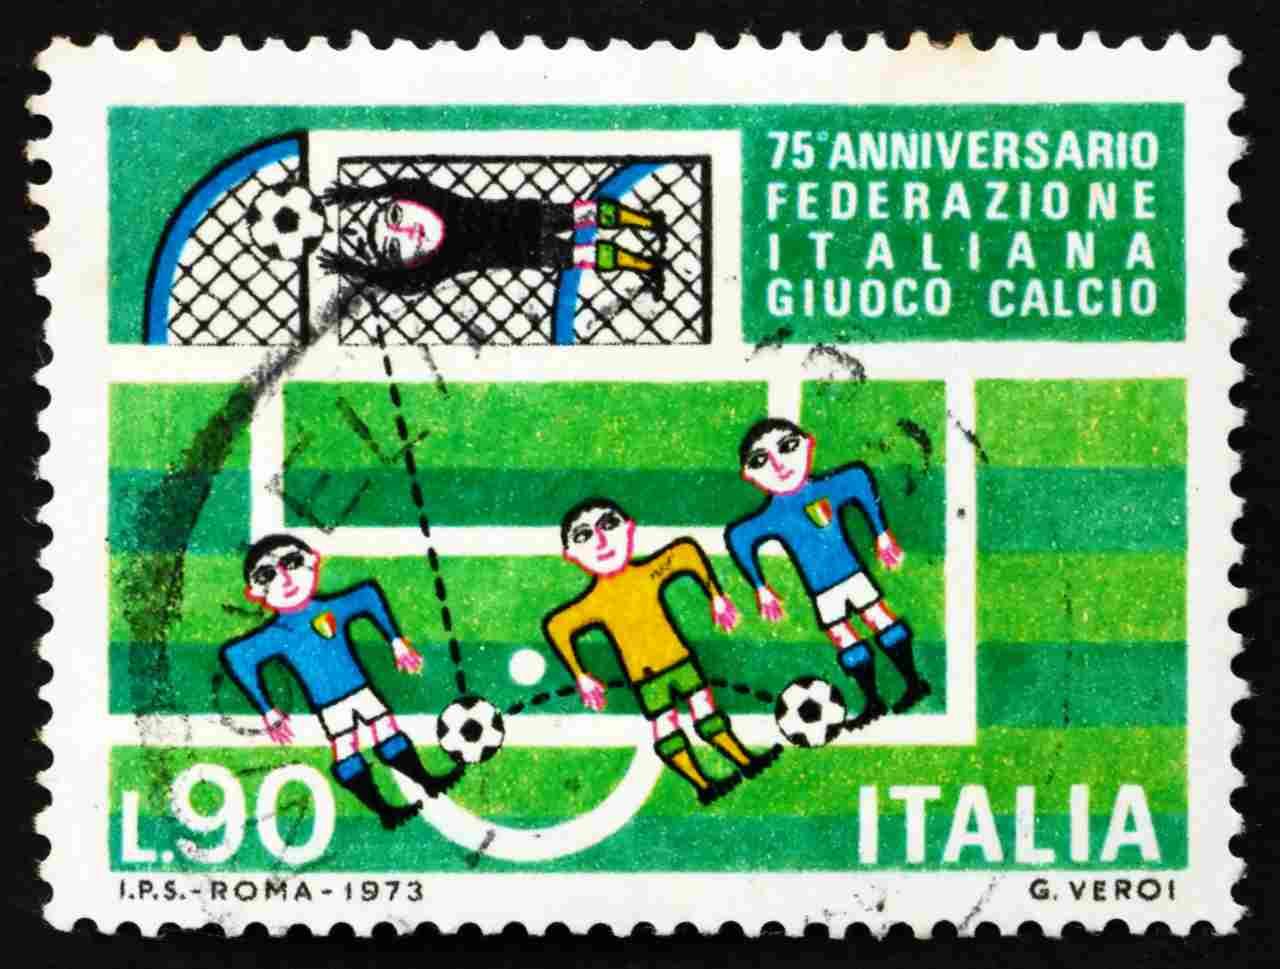 FIGC, francobollo celebrativo (Adobe Stock)